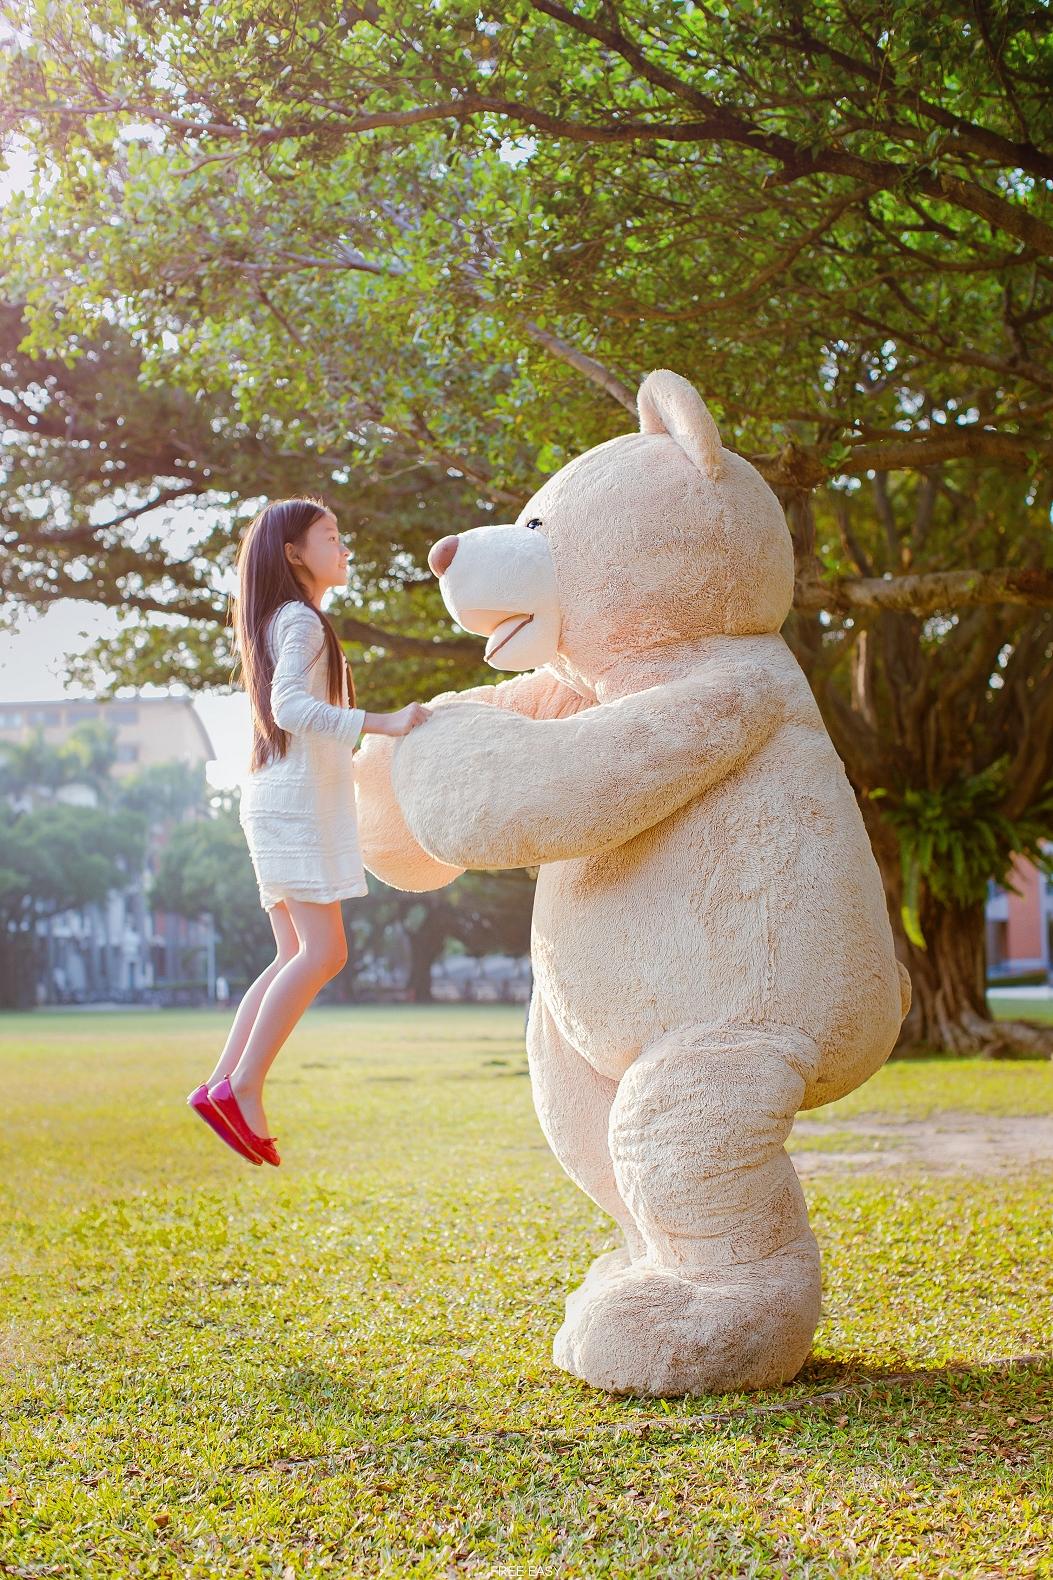 女孩與熊大-1.jpg